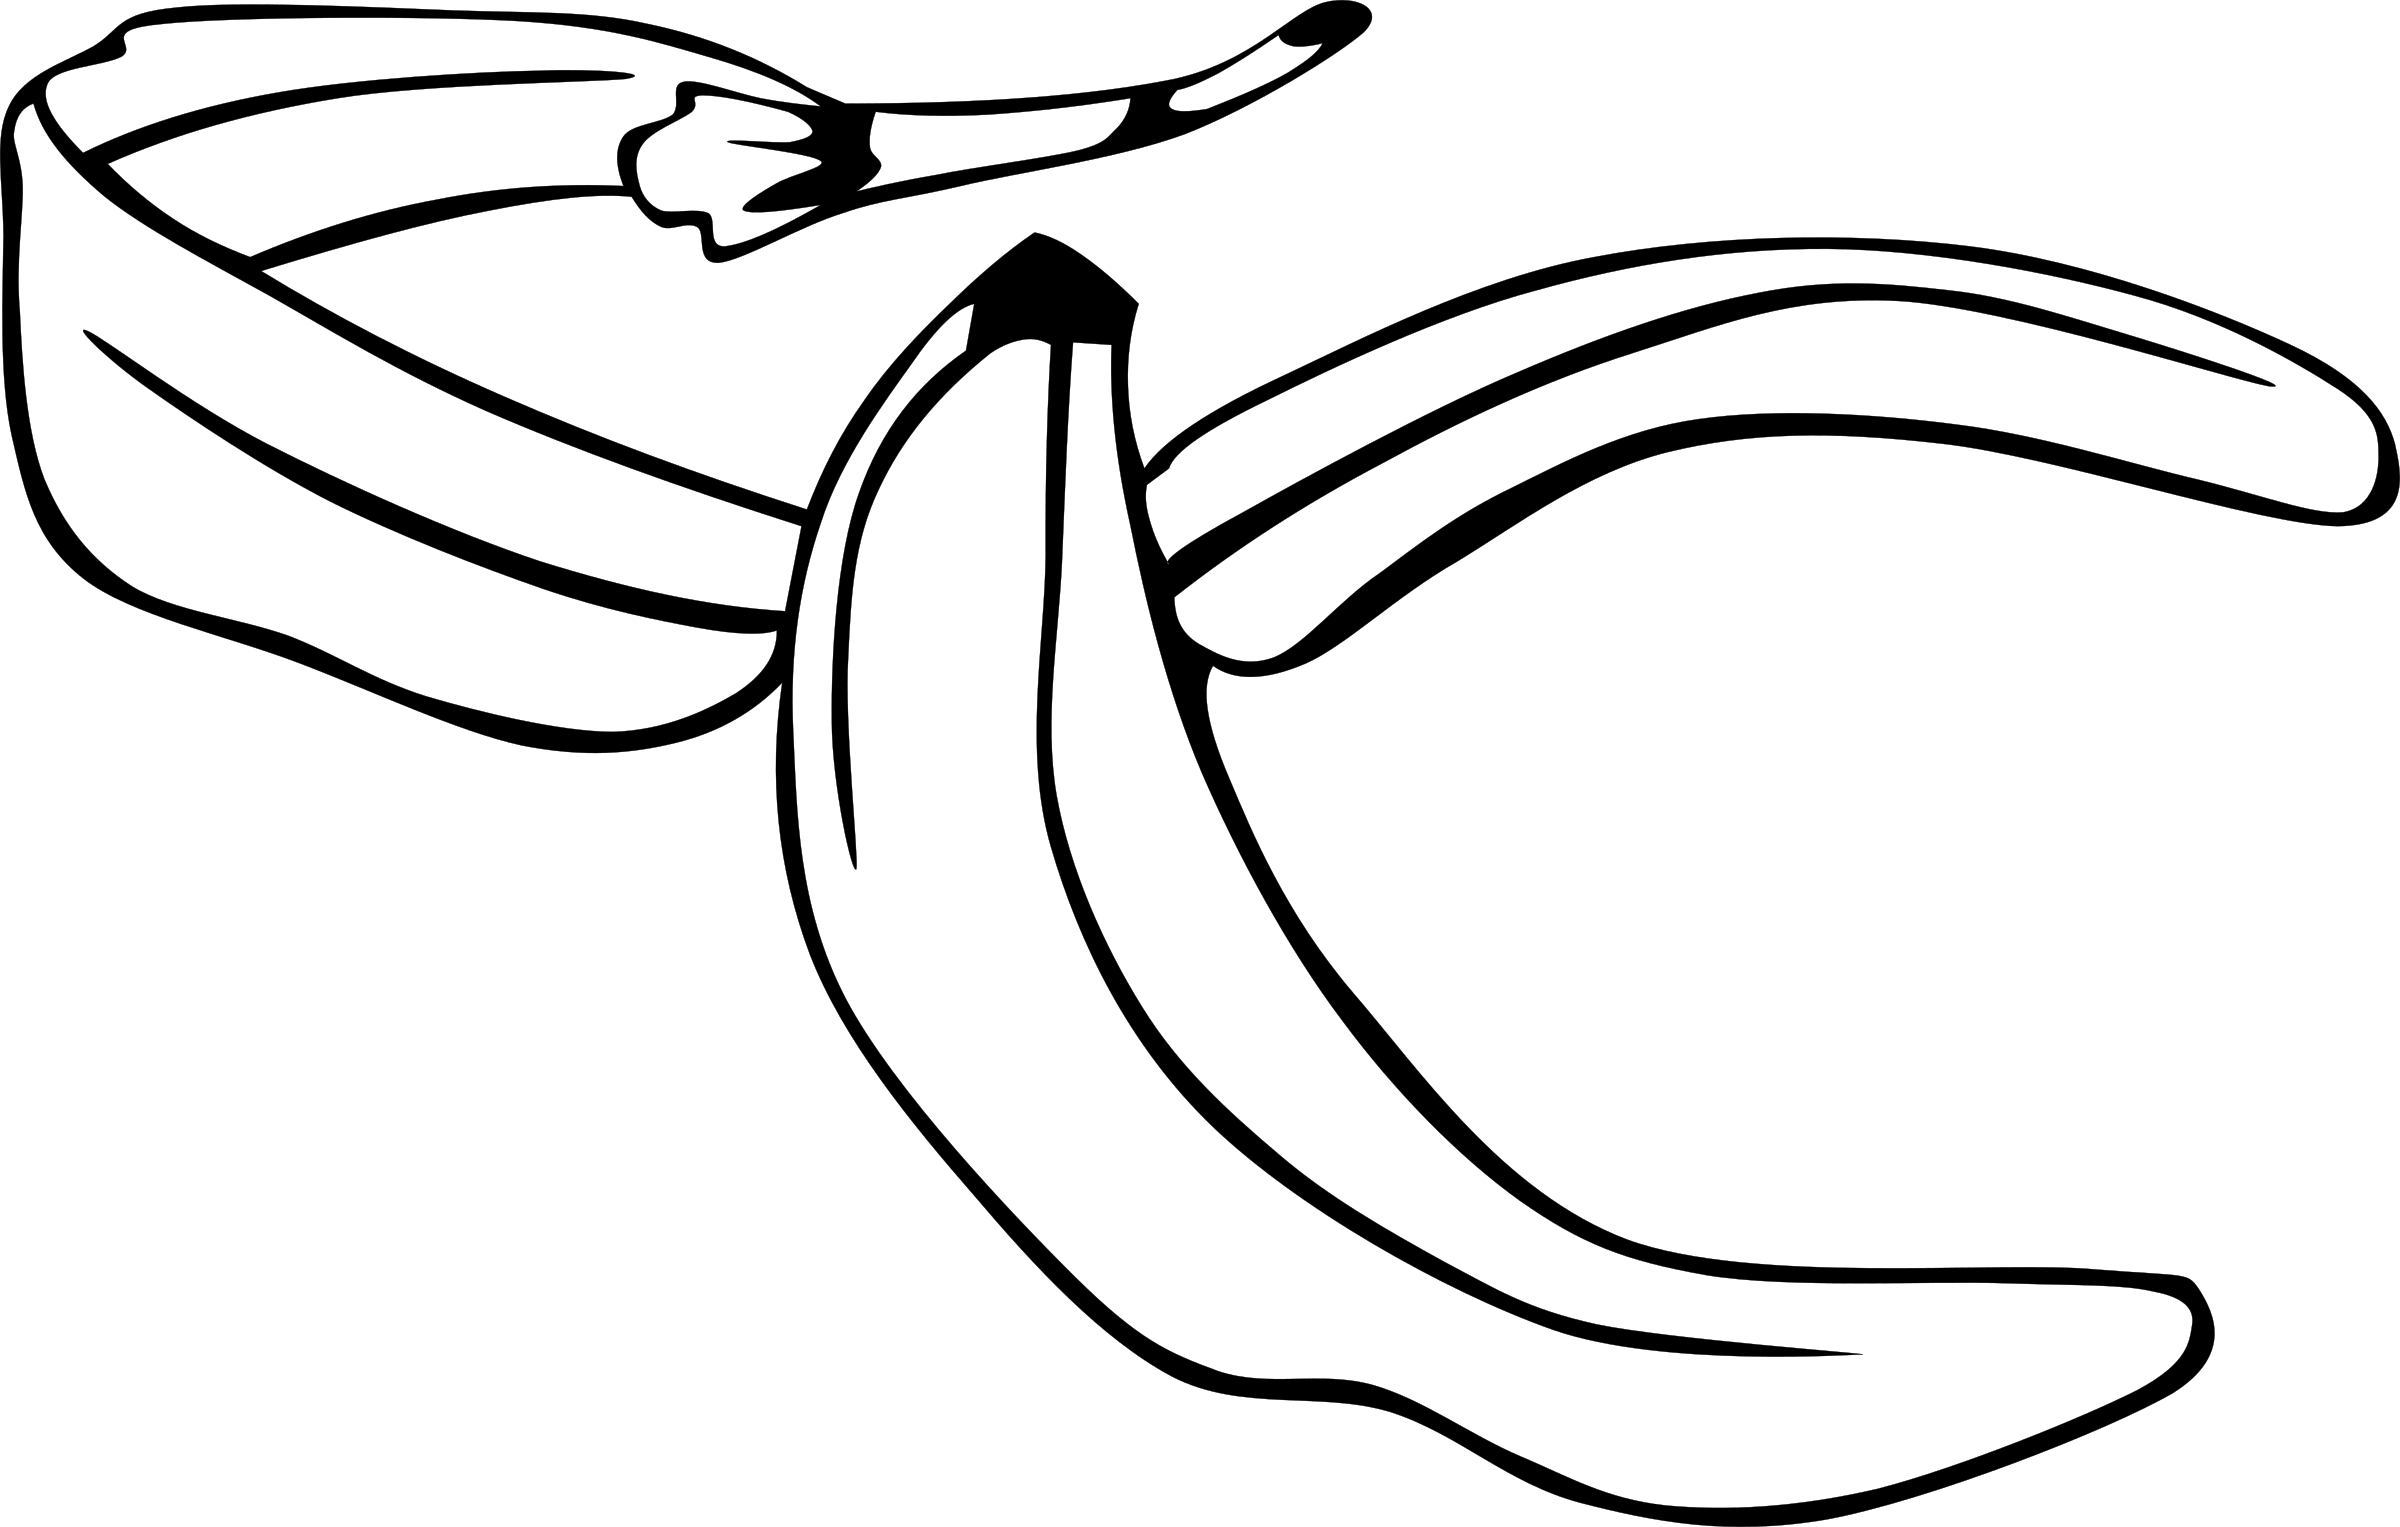 vector transparent download Banana peel clipart